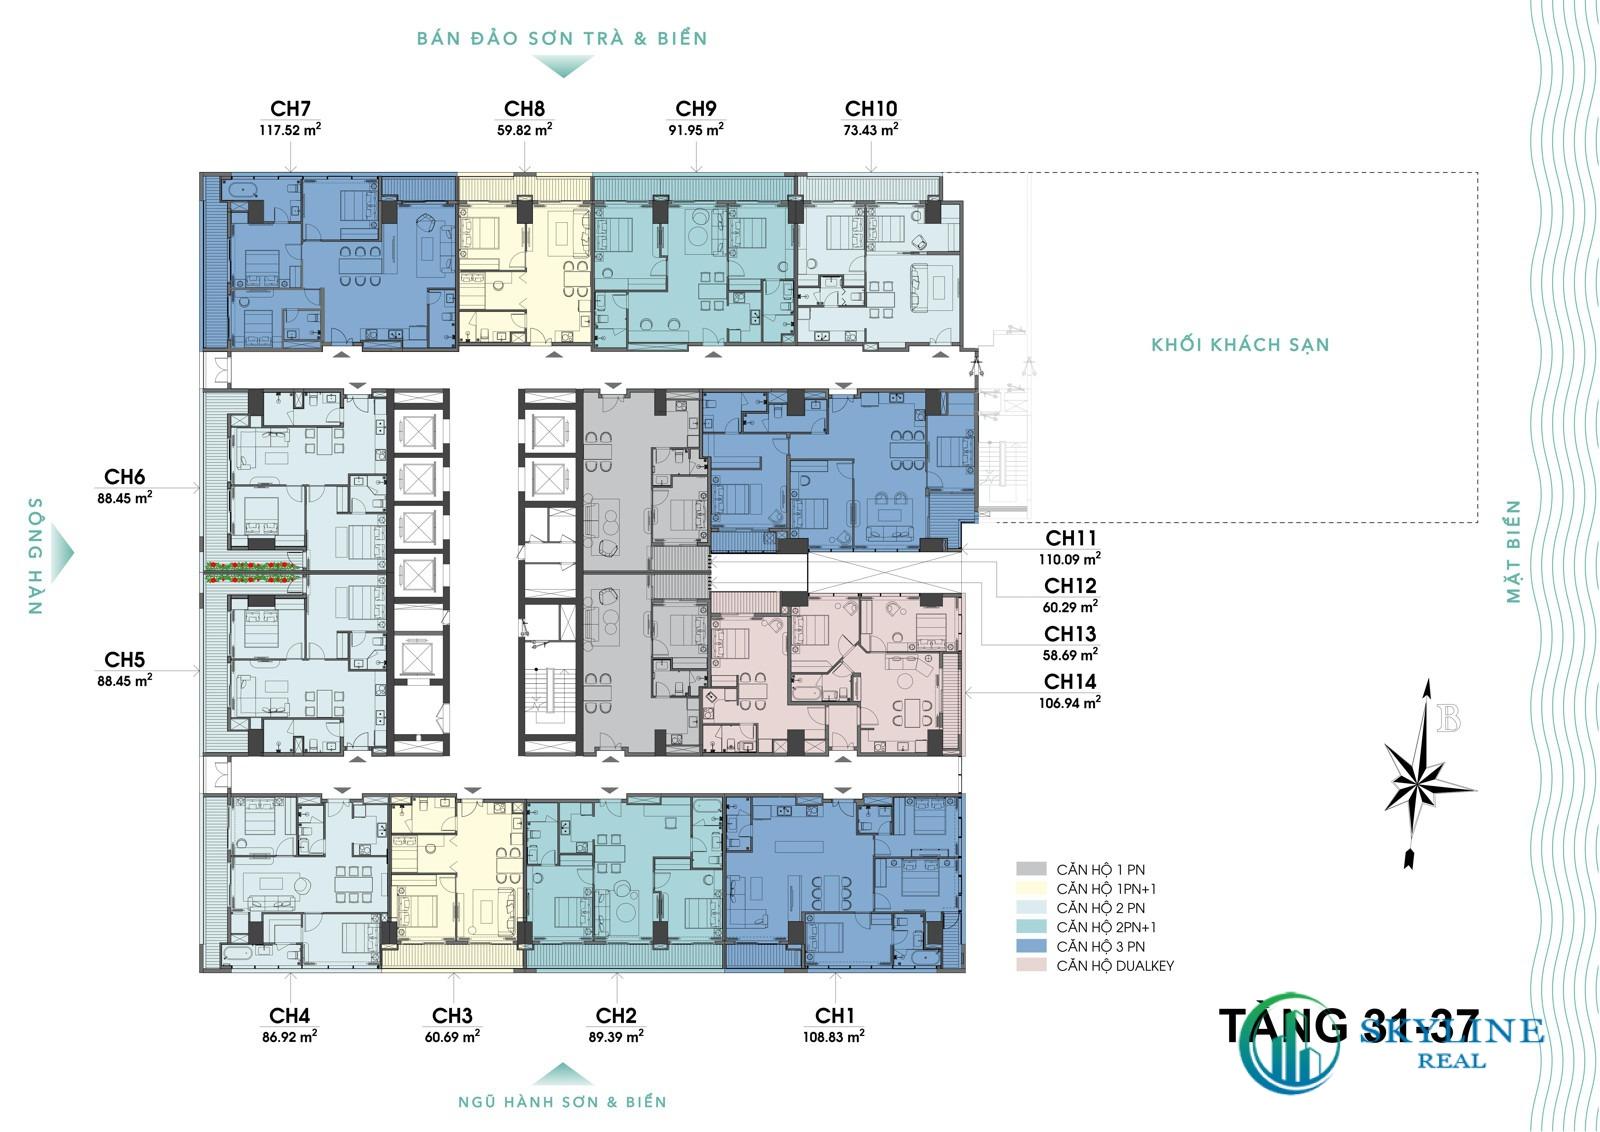 Mặt bằng tầng 31-37 dự án The 6Nature Đà Nẵng